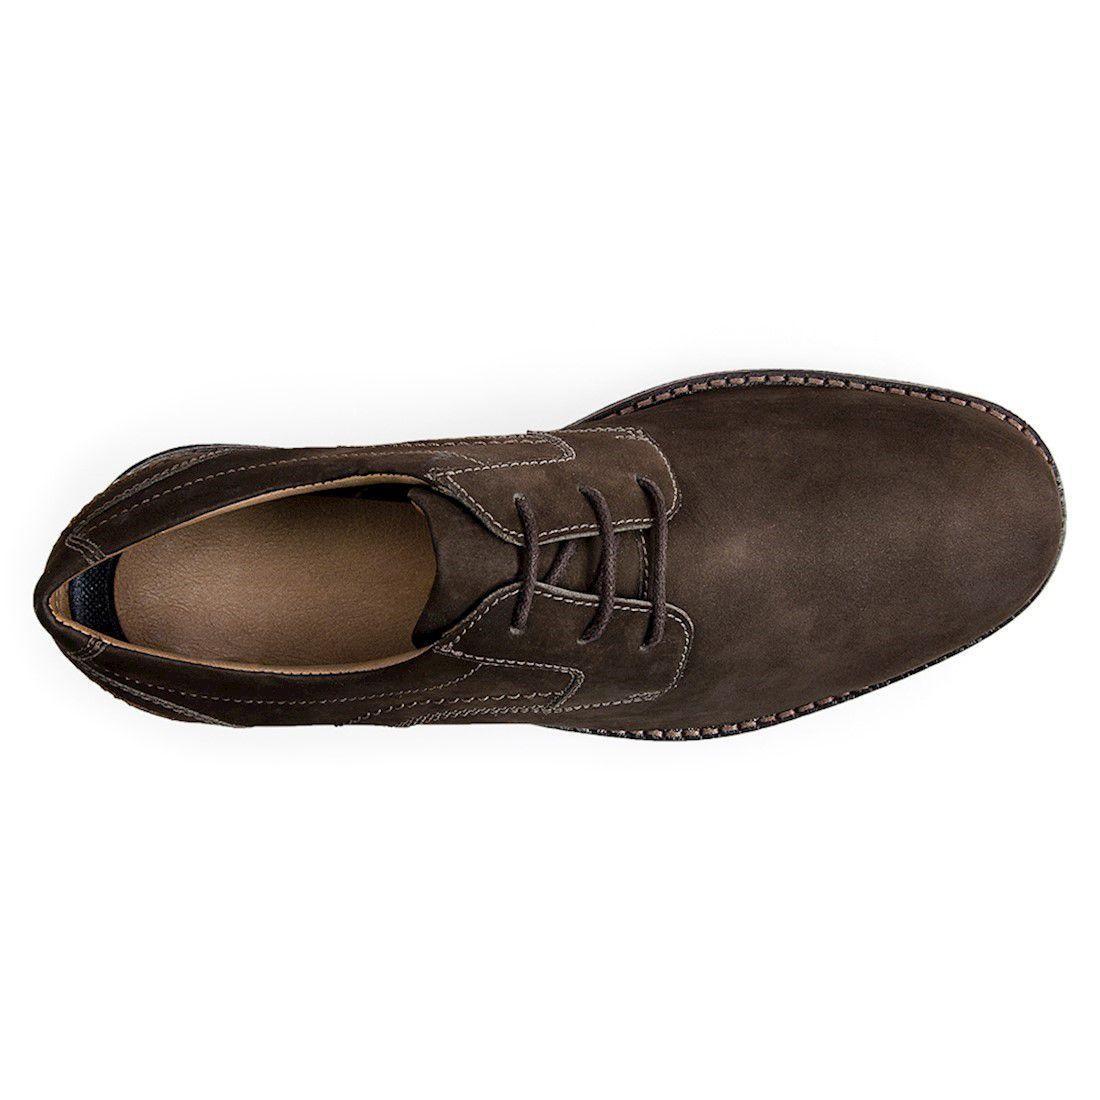 693dbba61 Sapato esporte fino masculino derby sandro moscoloni luca marrom escuro  coffee R  269